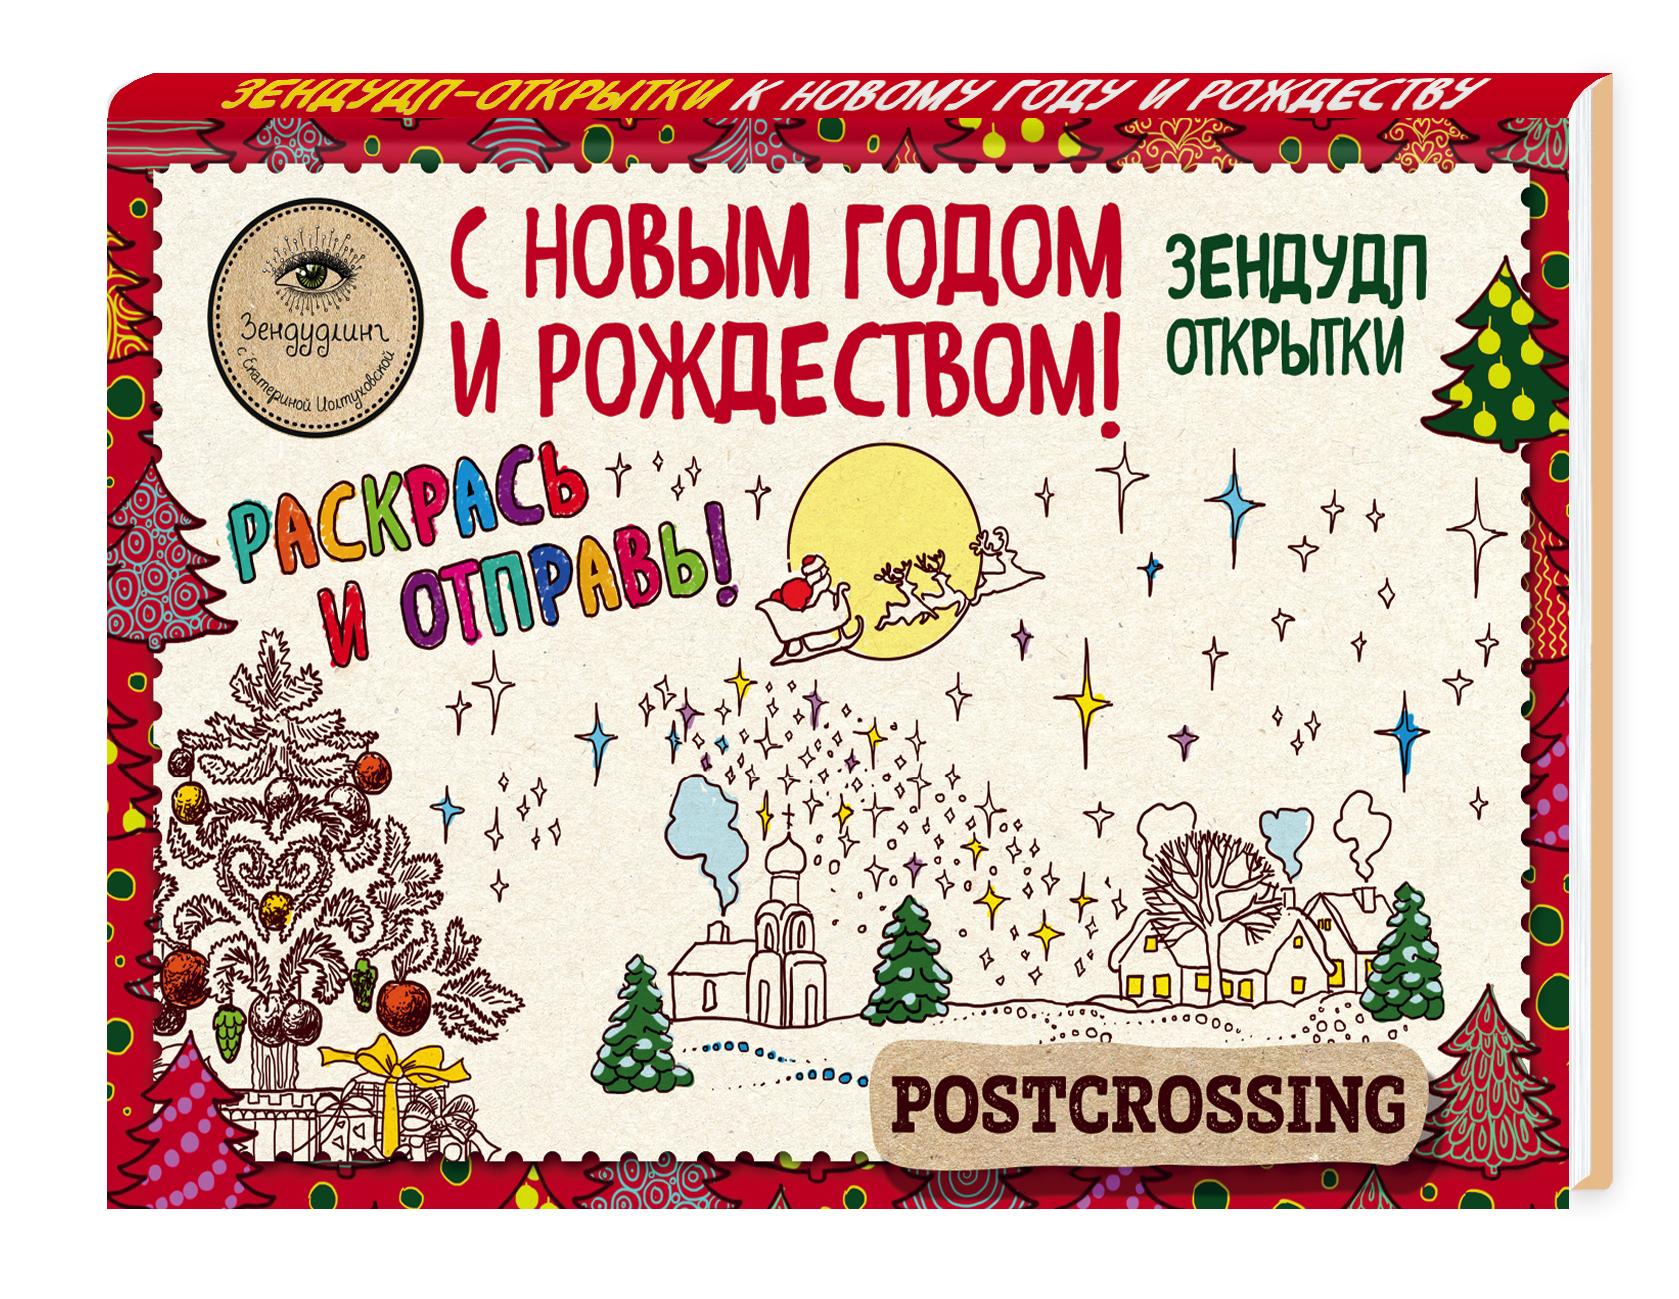 Зендудл-открытки к Новому году и Рождеству. Happy postcrossing ( Иолтуховская Е.А.  )